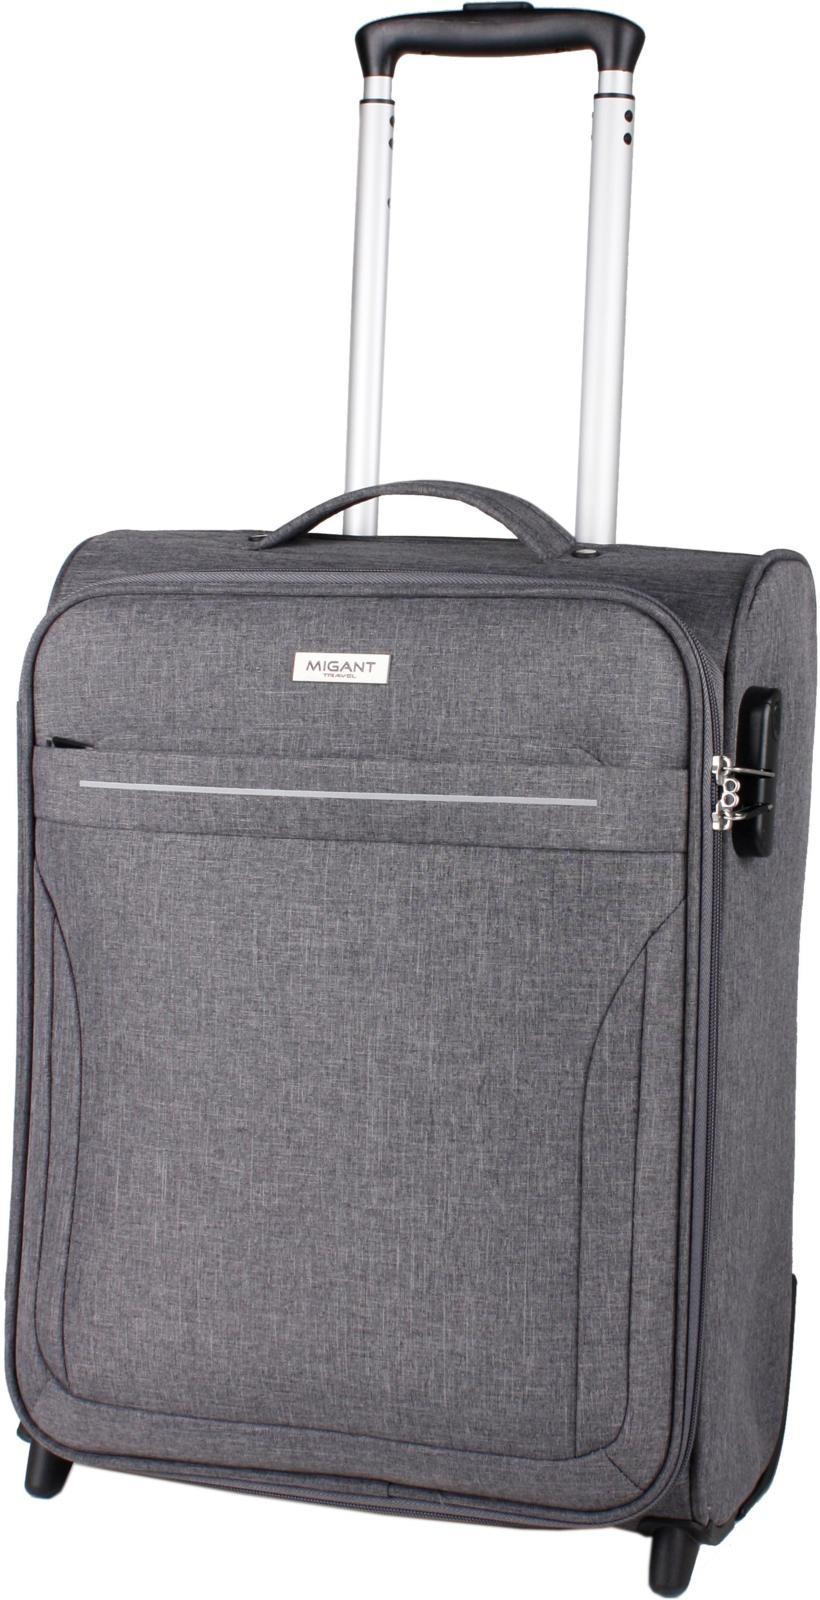 Samsonite Prodigy Spinner, 4-pyöräinen matkalaukku 55 cm